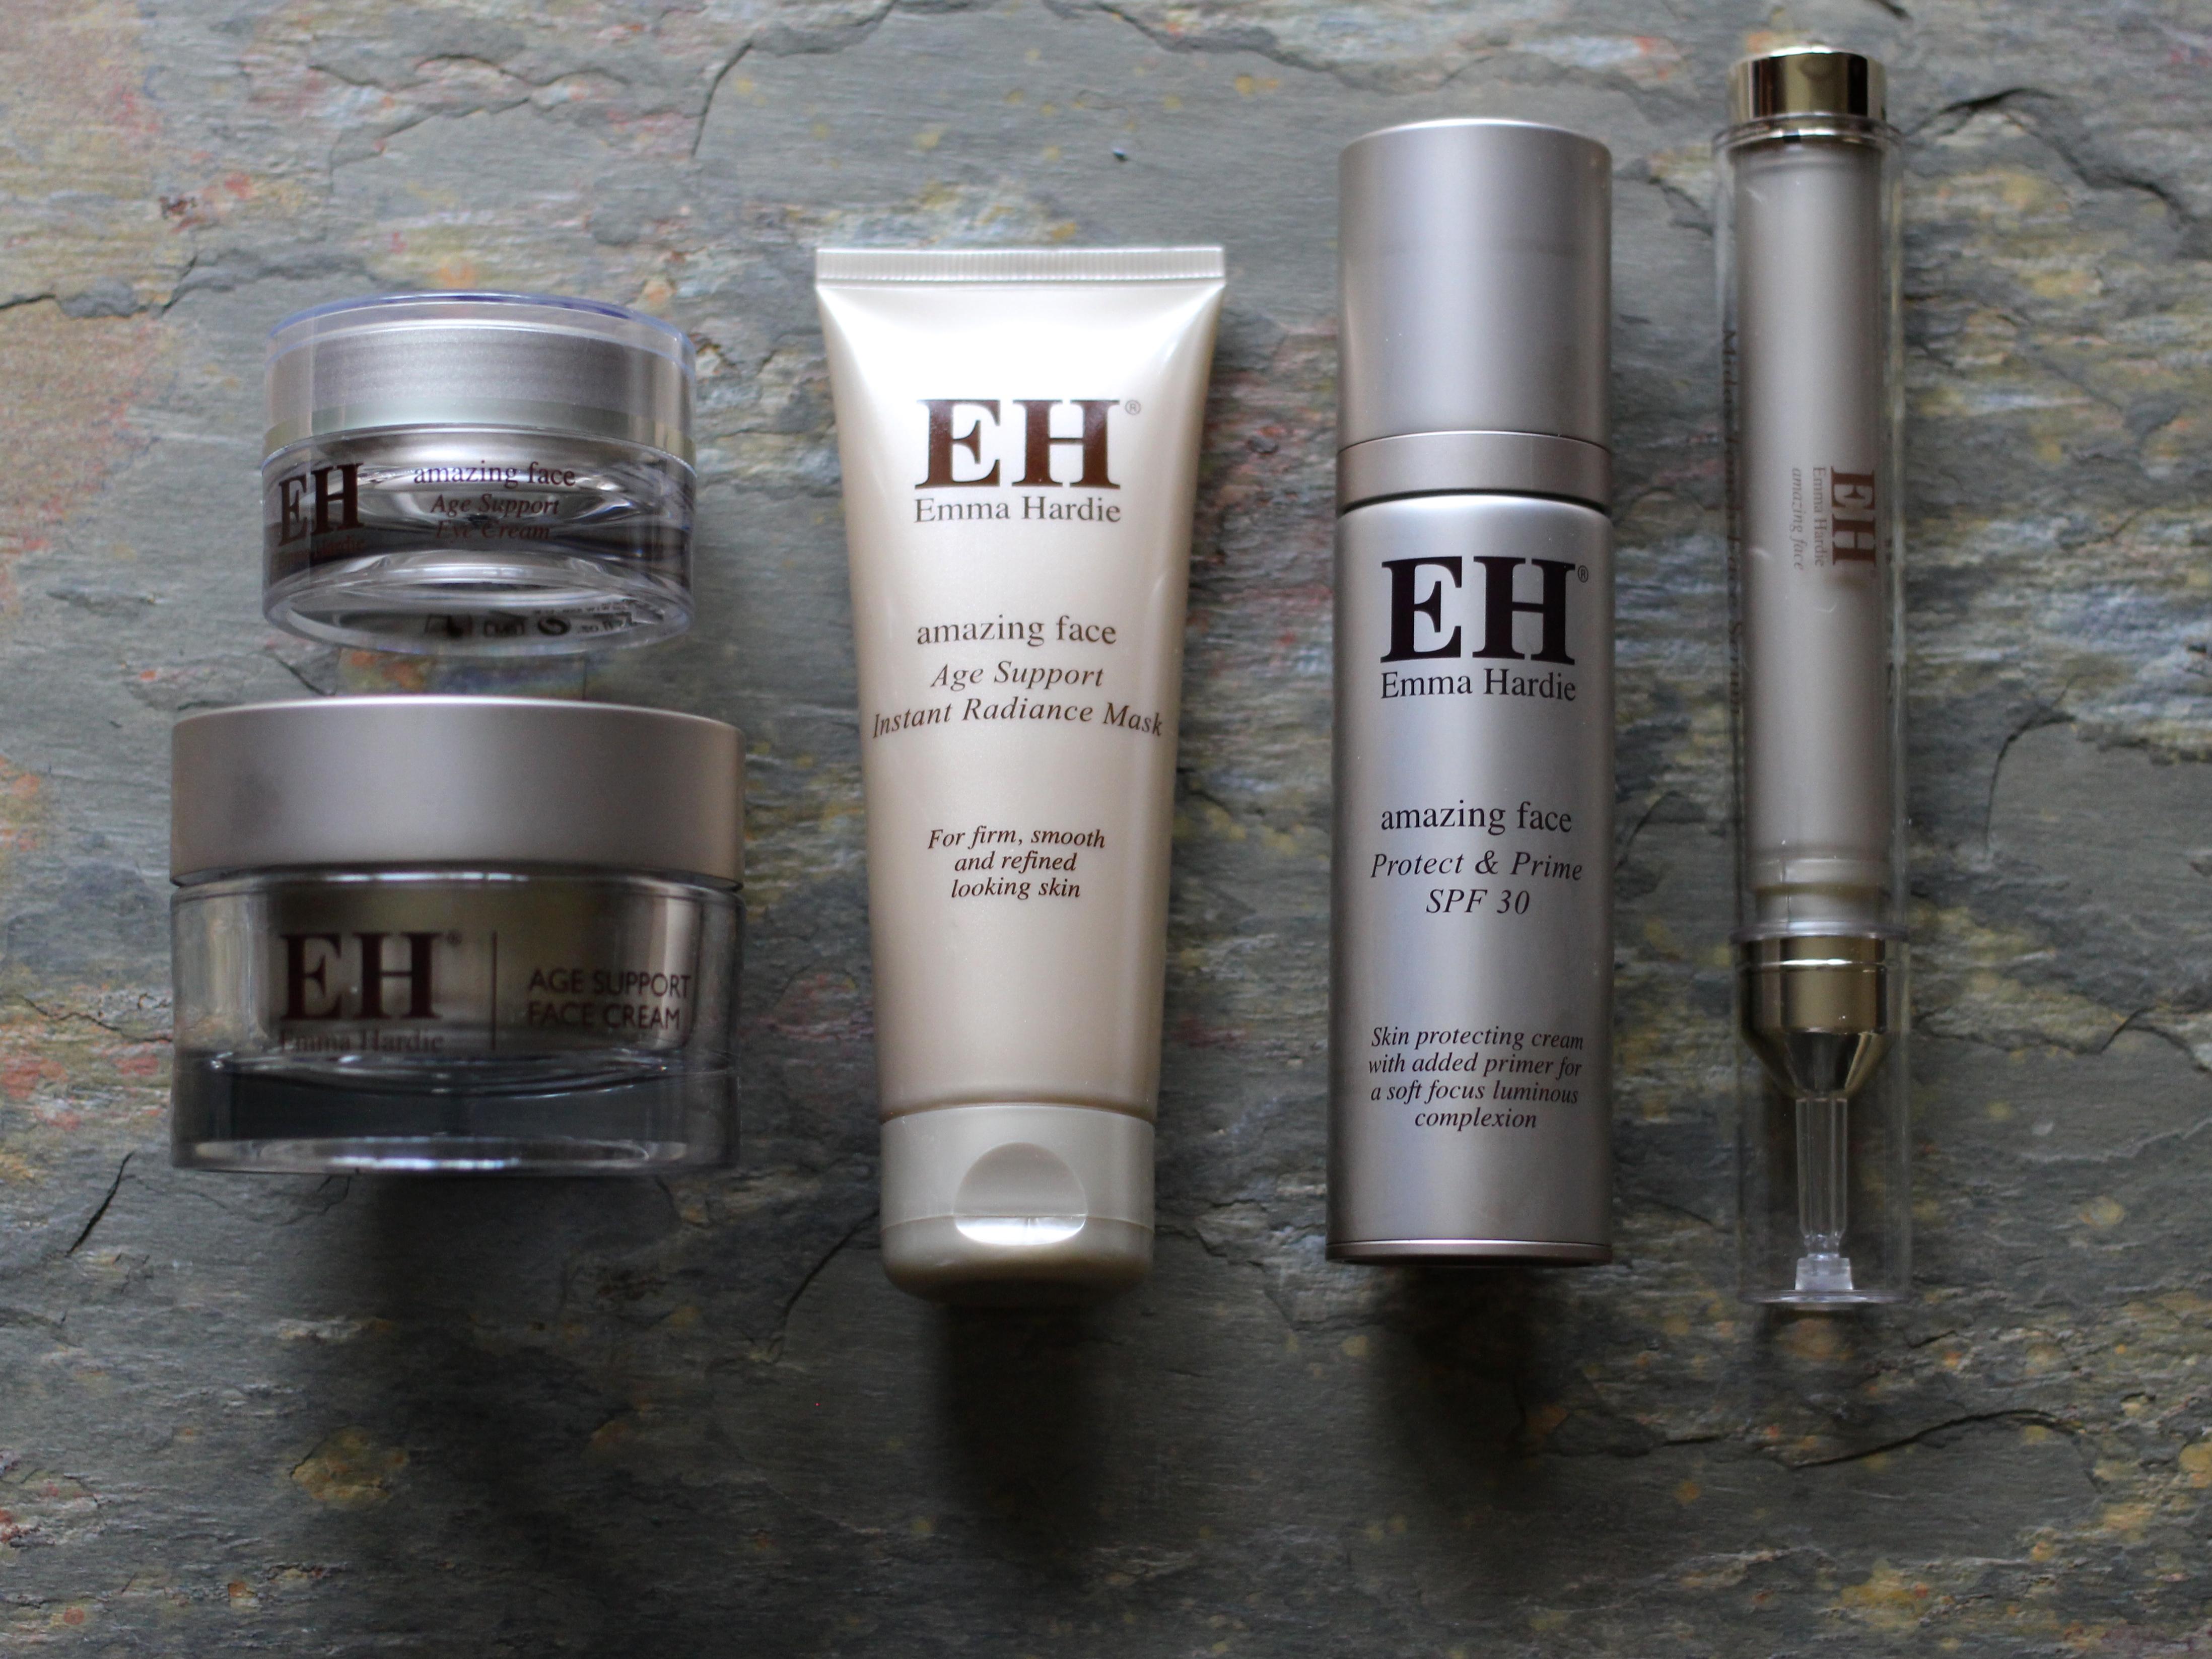 Emma Hardie Skincare Range